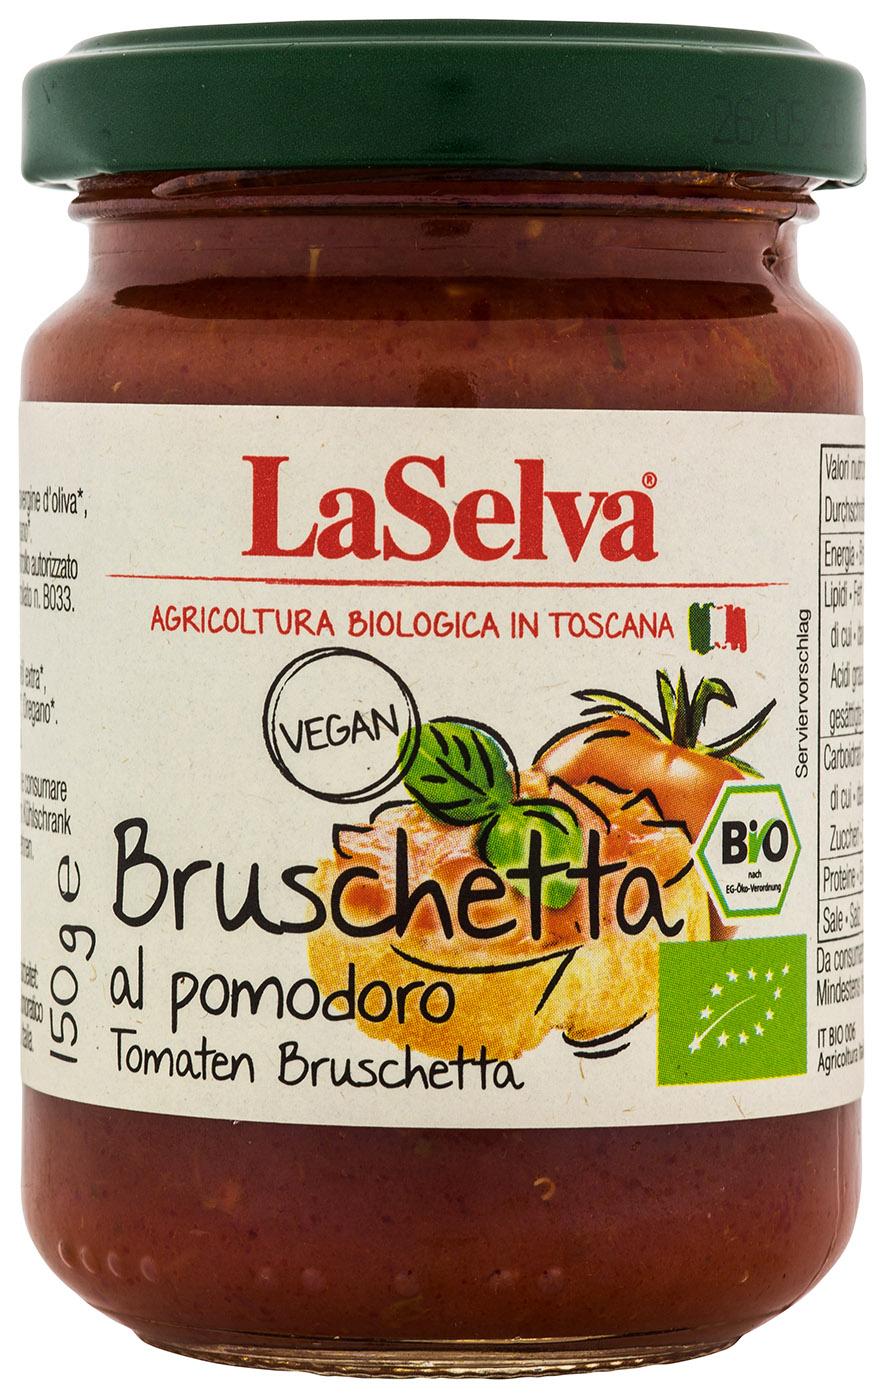 Bio Bruschetta al pomodore, Bruschetta aus Tomaten, 150 g